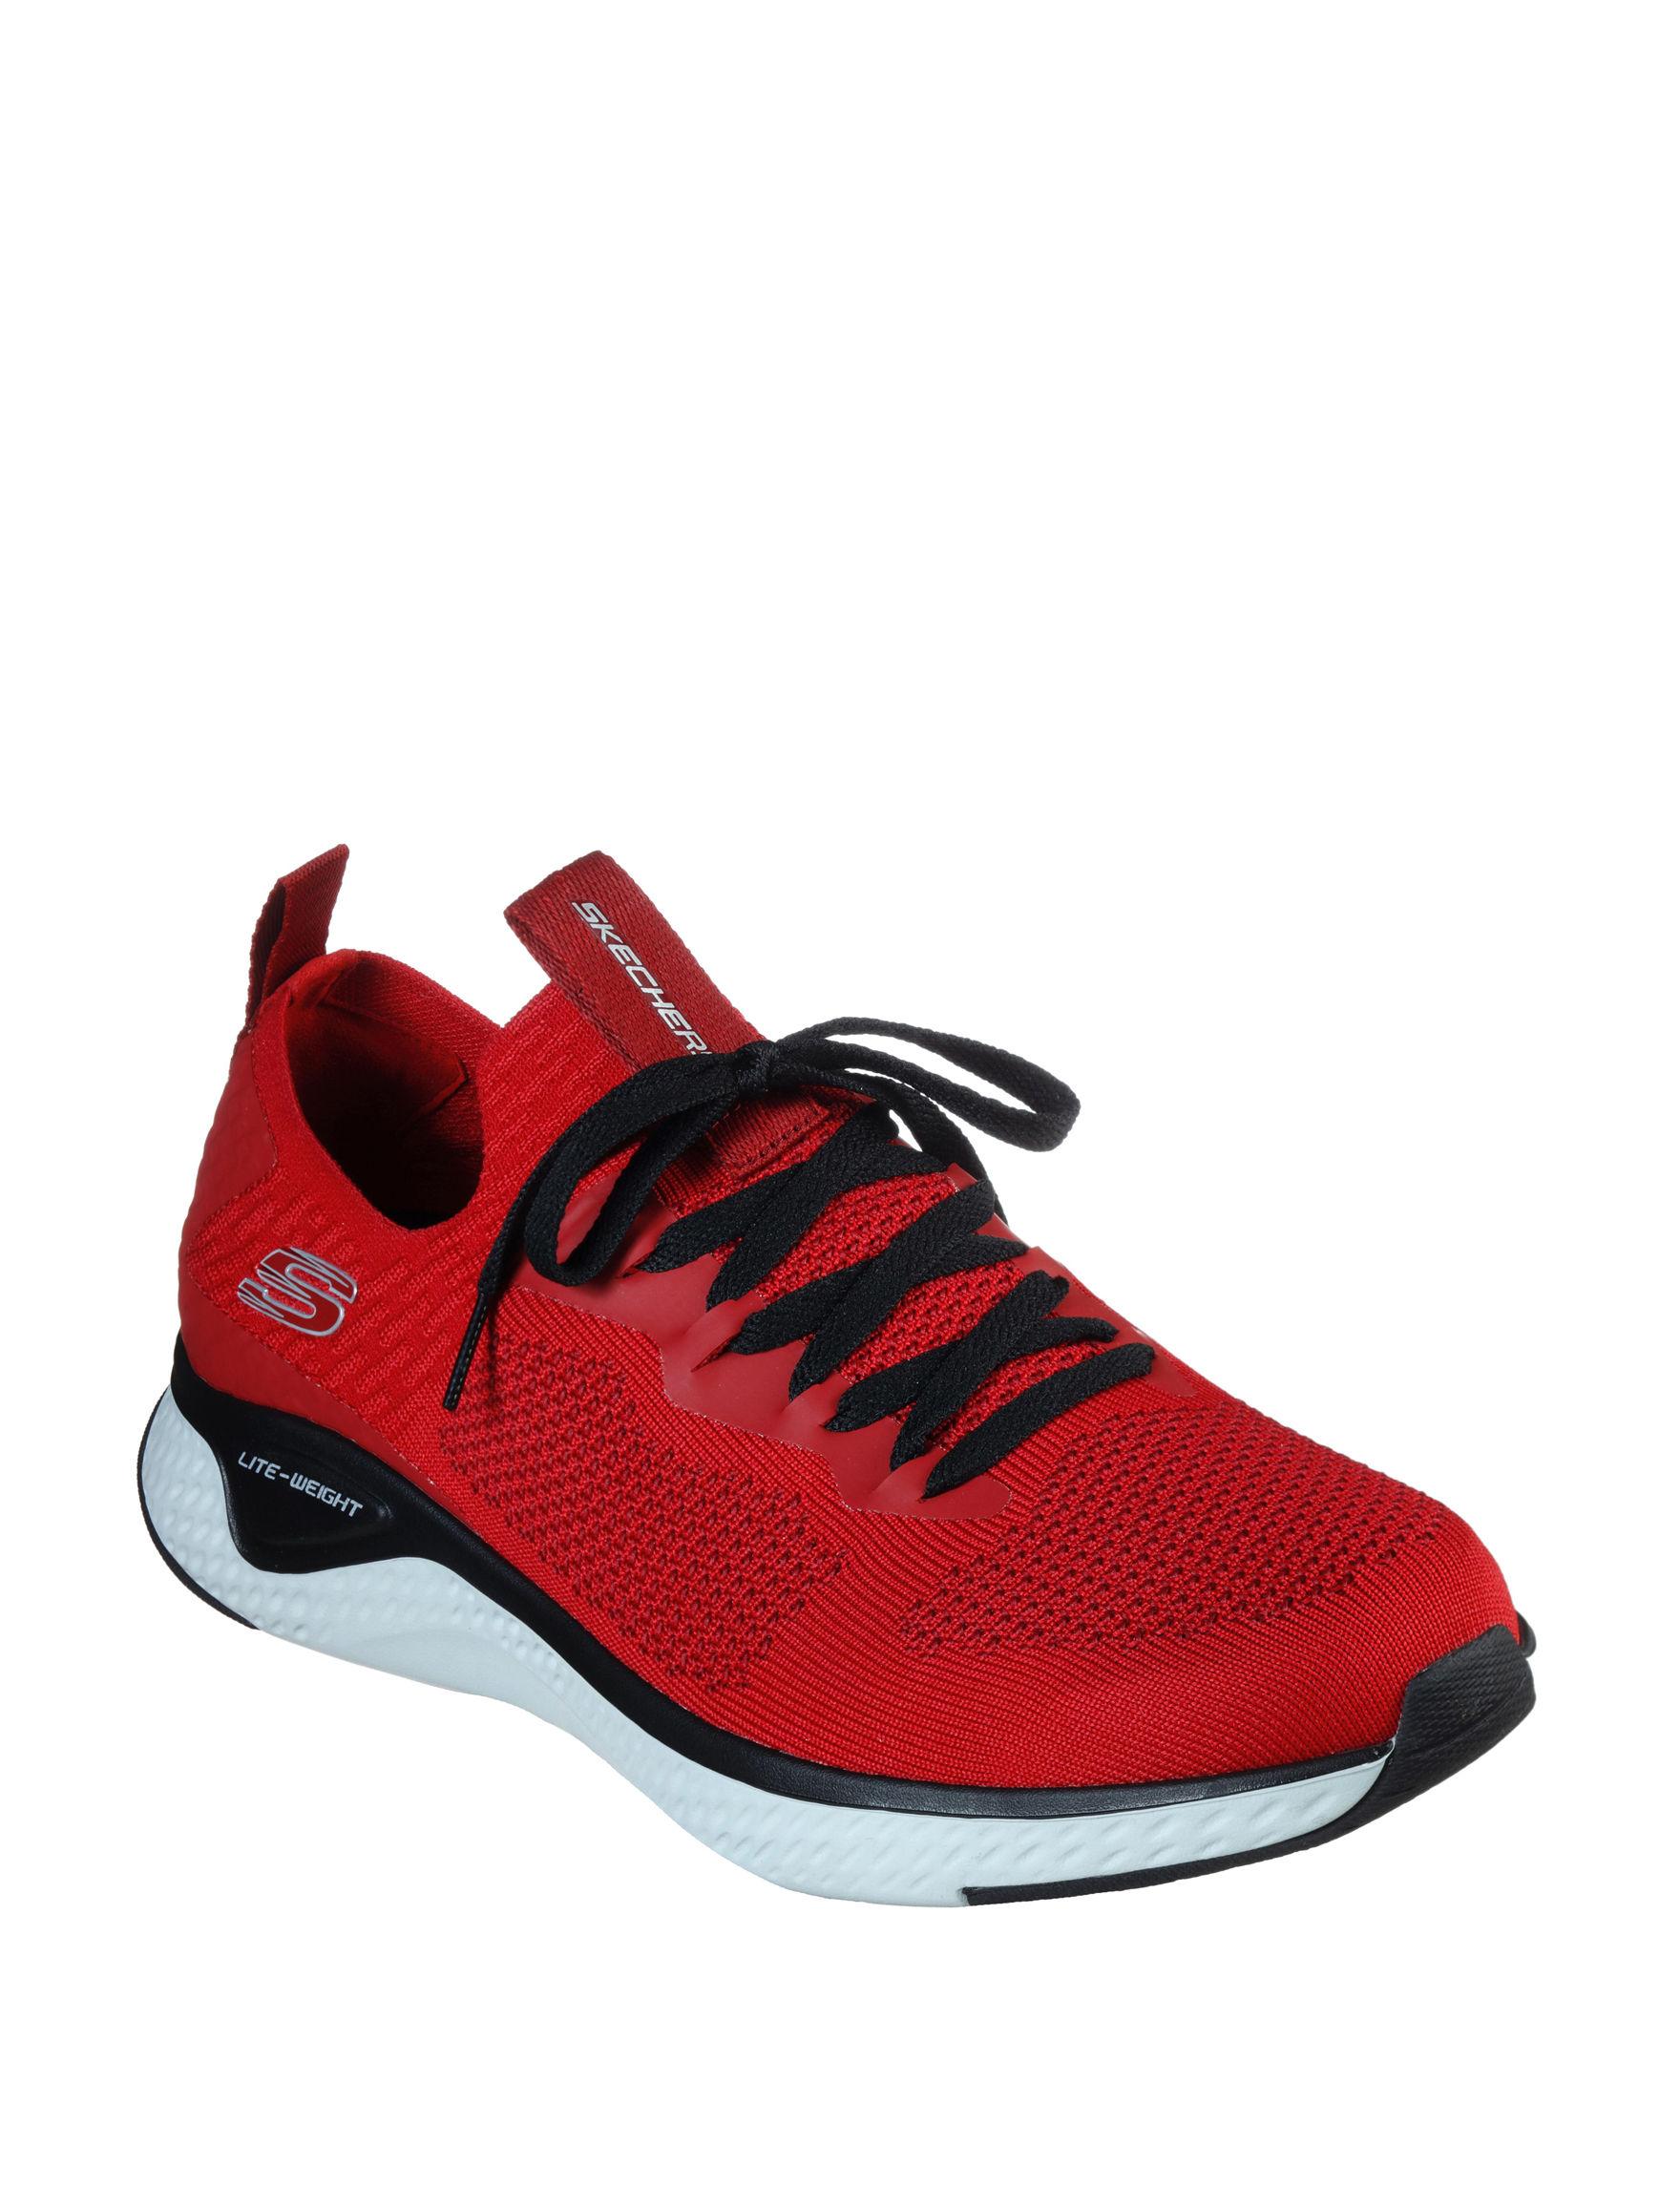 Skechers Red / Black